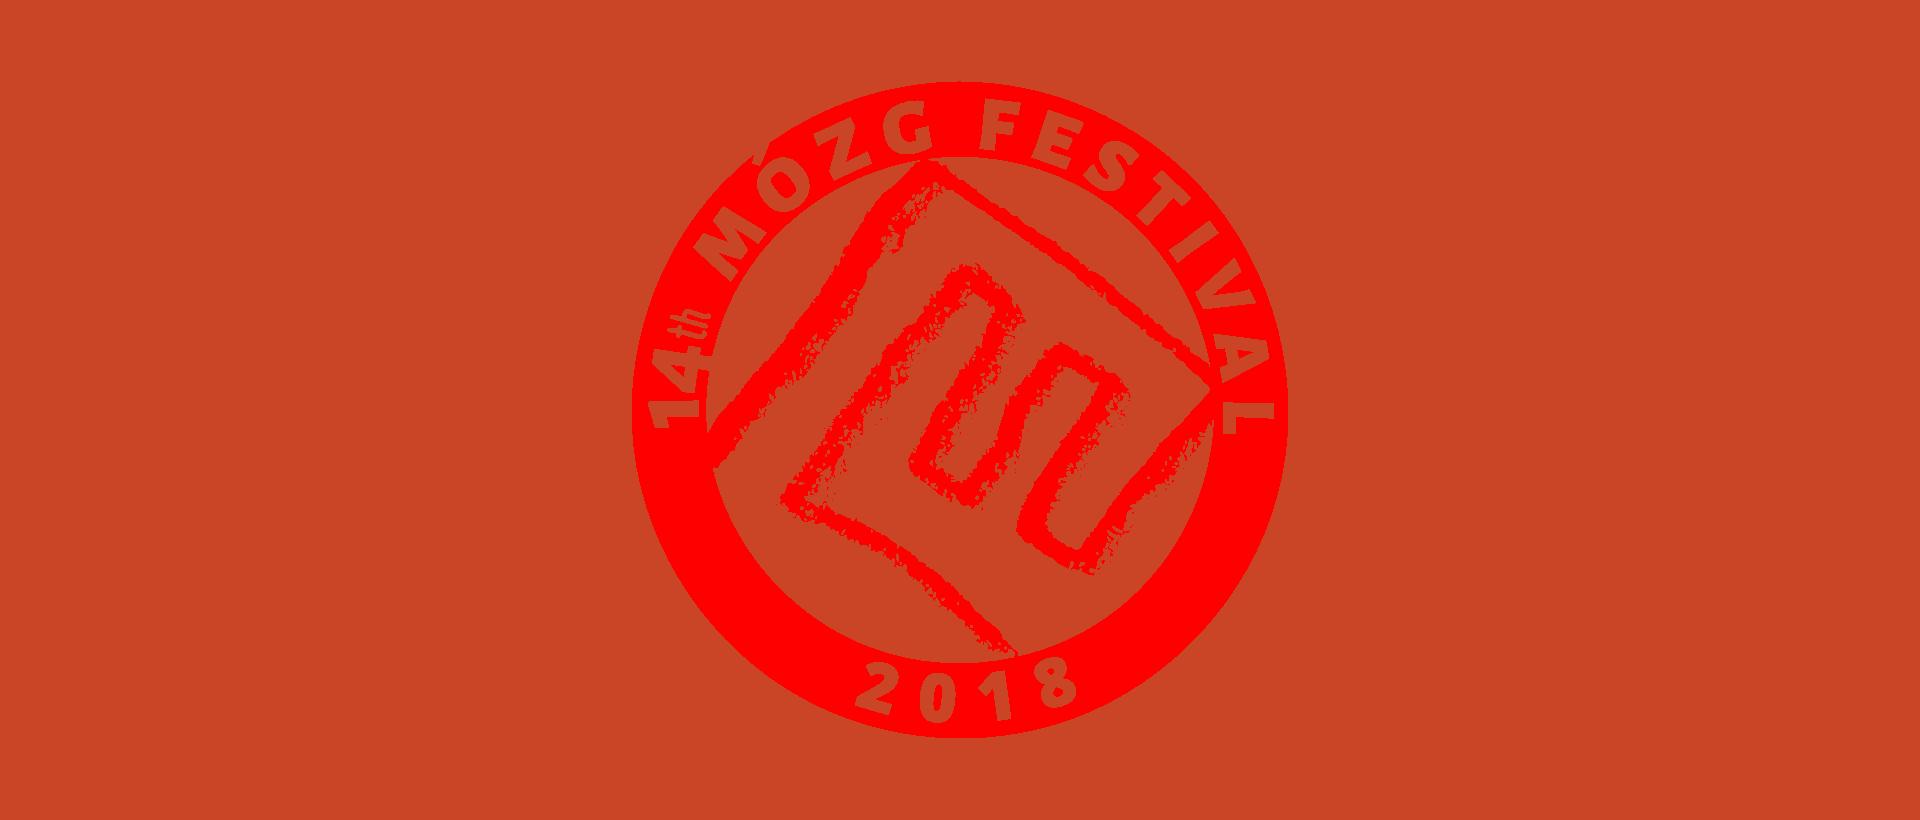 logo-MF14-2018.png